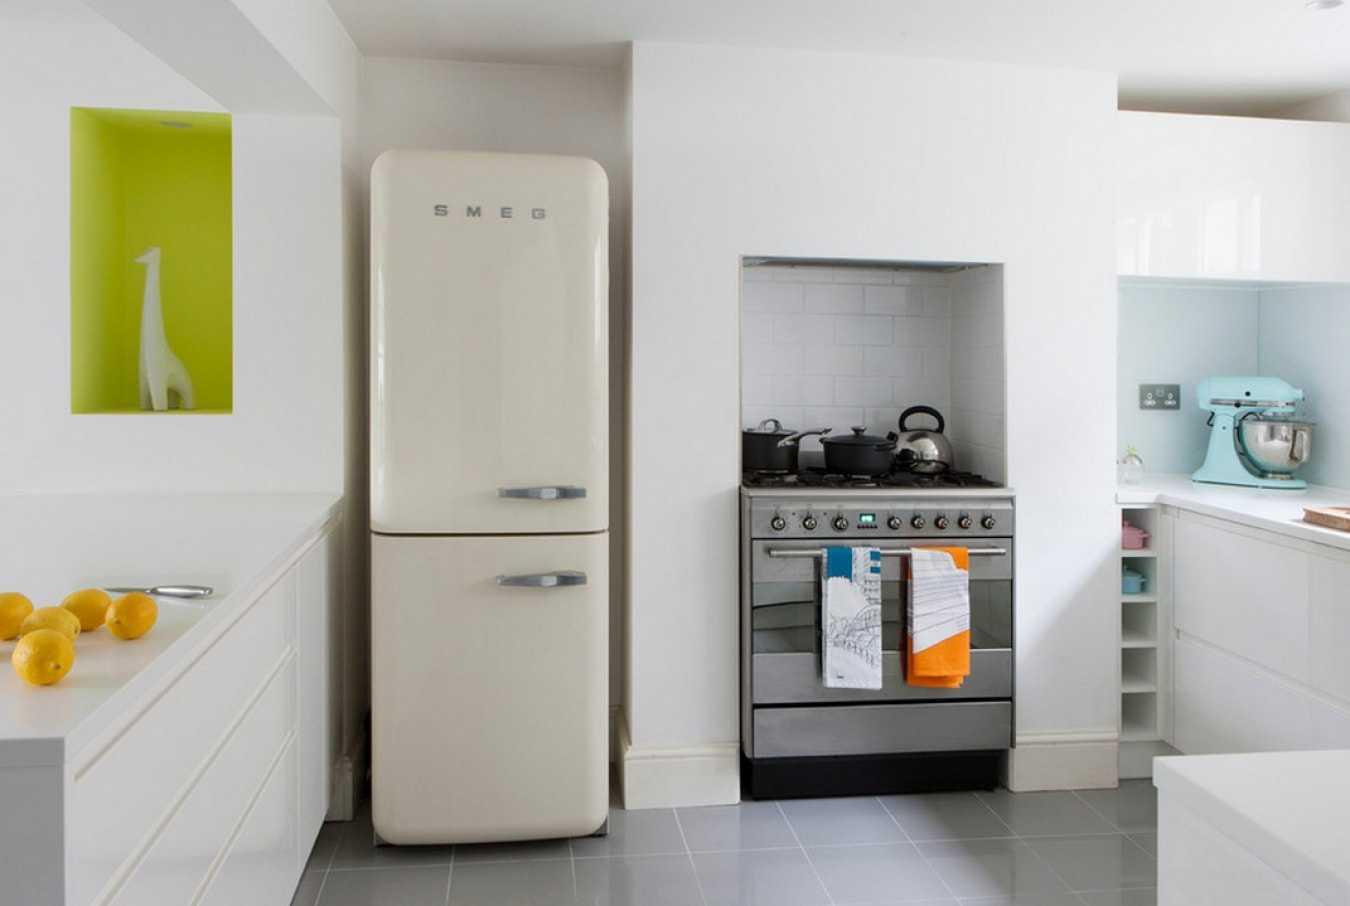 Встраиваемый холодильник или отдельностоящий? что предпочесть?